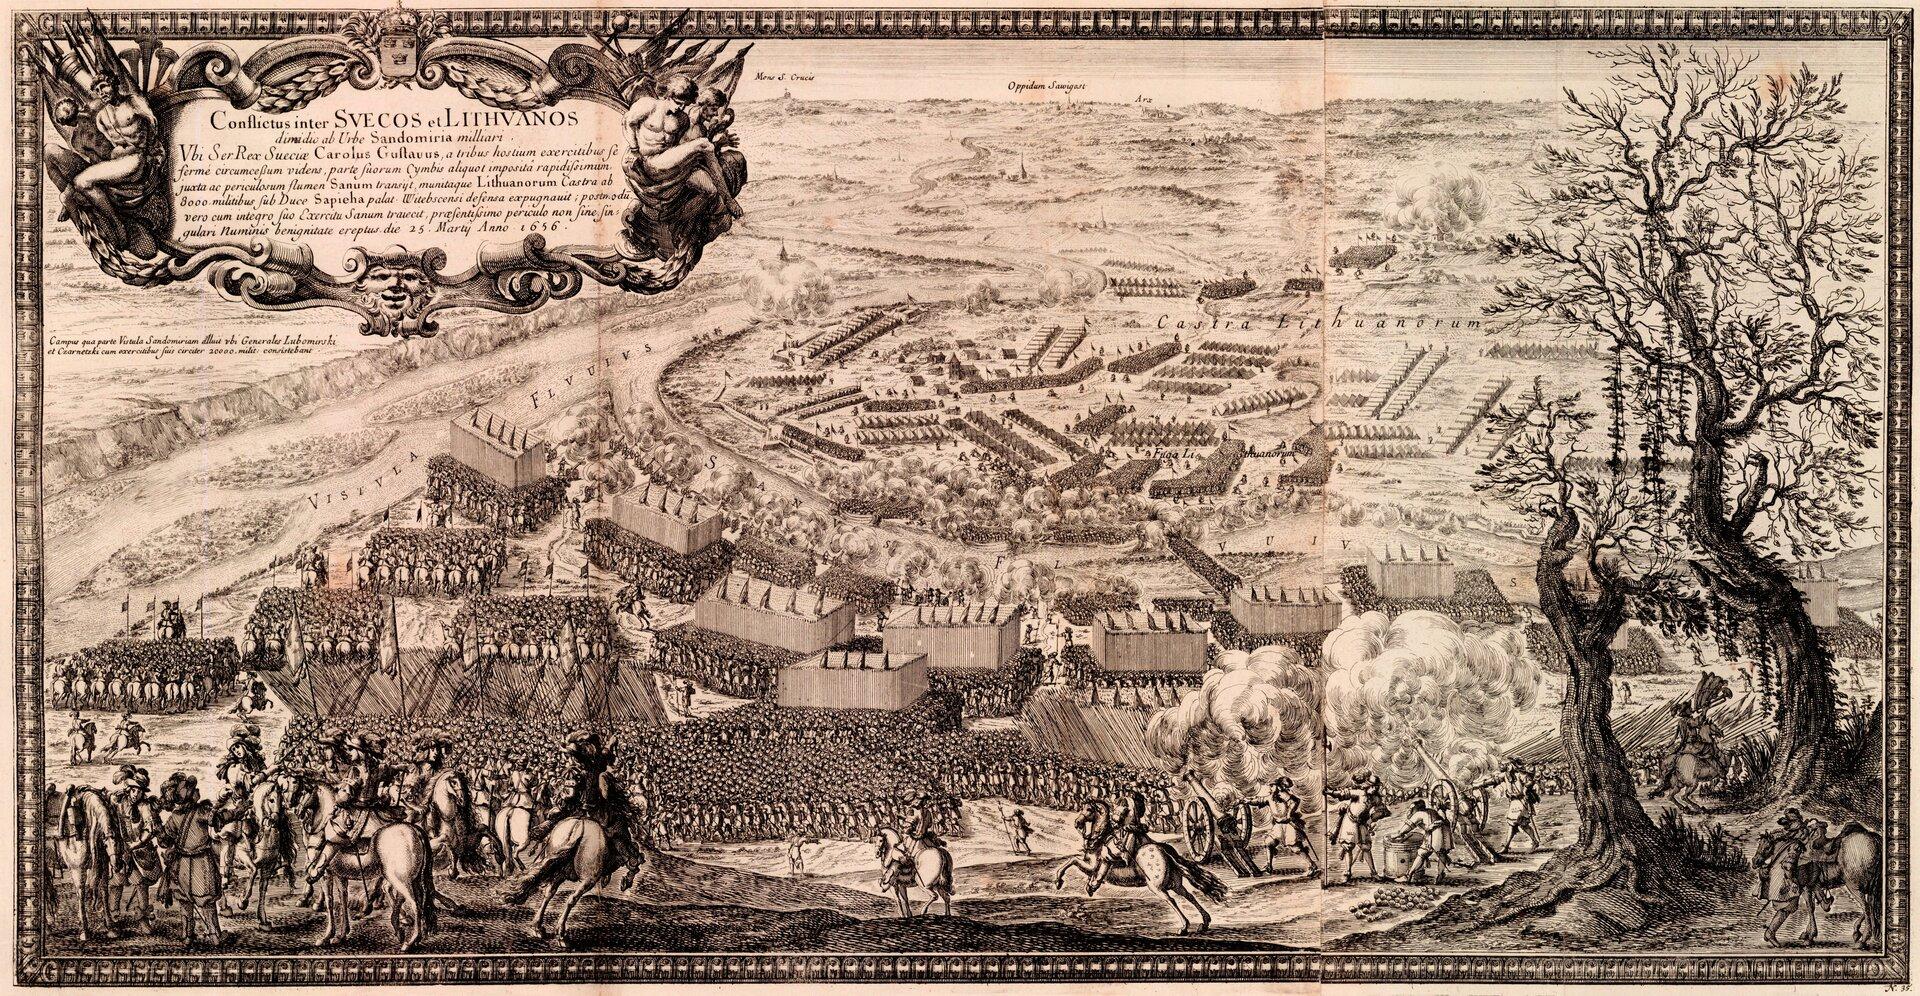 Samuel von Pufendorf, Oczynach Karola Gustawa, króla Szwecji, komentarzy ksiąg siedem, Norymberga 1696 Obóz szwedzki pod Sandomierzem został otoczony przez przeważające prawie czterokrotniesiłypolskie ilitewskie. Zodsieczą natychmiast ruszyli zWarszawy szwedzcyrajtarzy idragonia. Przeciwko nim skierowana została jazda Czarnieckiego. Do starcia jednak nie doszło, gdyż wojska szwedzkie dostały rozkaz wycofania się na powrót do stolicy. Wtej sytuacji oddziały Czarnieckiego iLubomirskiego zrezygnowały wtajemnicy zuczestniczenia wokrążeniu obozu szwedzkiego,ajego blokadę kontynuowało pospolite ruszenie ioddziałychłopskiepozorujące wojsko regularne. Źródło: Erik Dahlbergh, Samuel von Pufendorf, Oczynach Karola Gustawa, króla Szwecji, komentarzy ksiąg siedem, Norymberga 1696, 1696, domena publiczna.